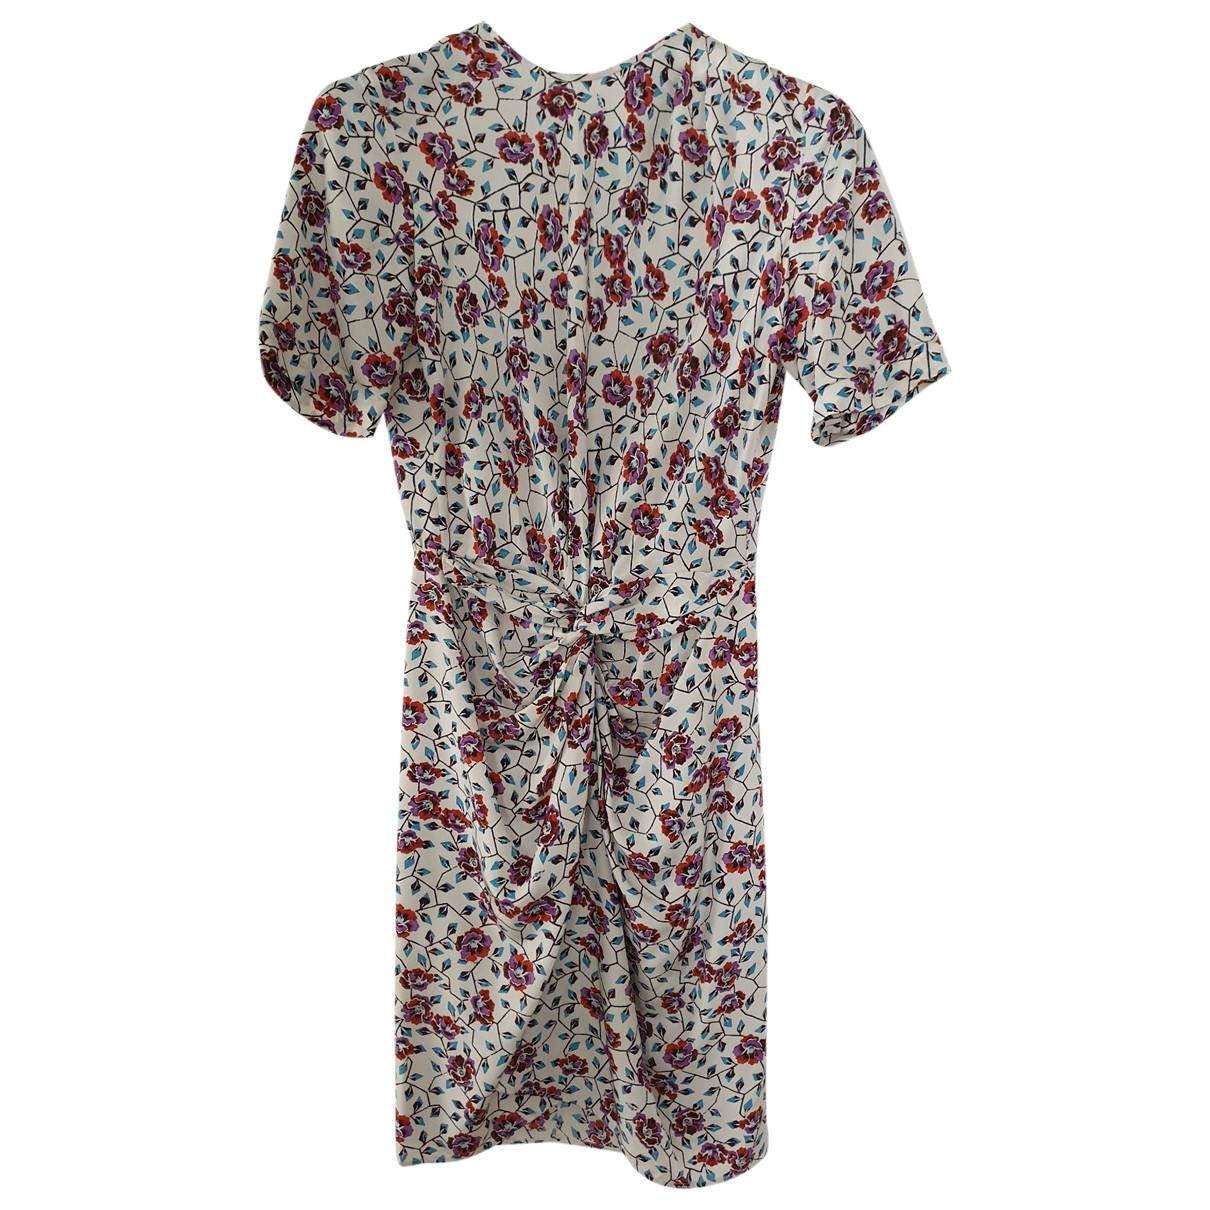 Isabel Marant N Ecru Silk dress for Women 36 FR